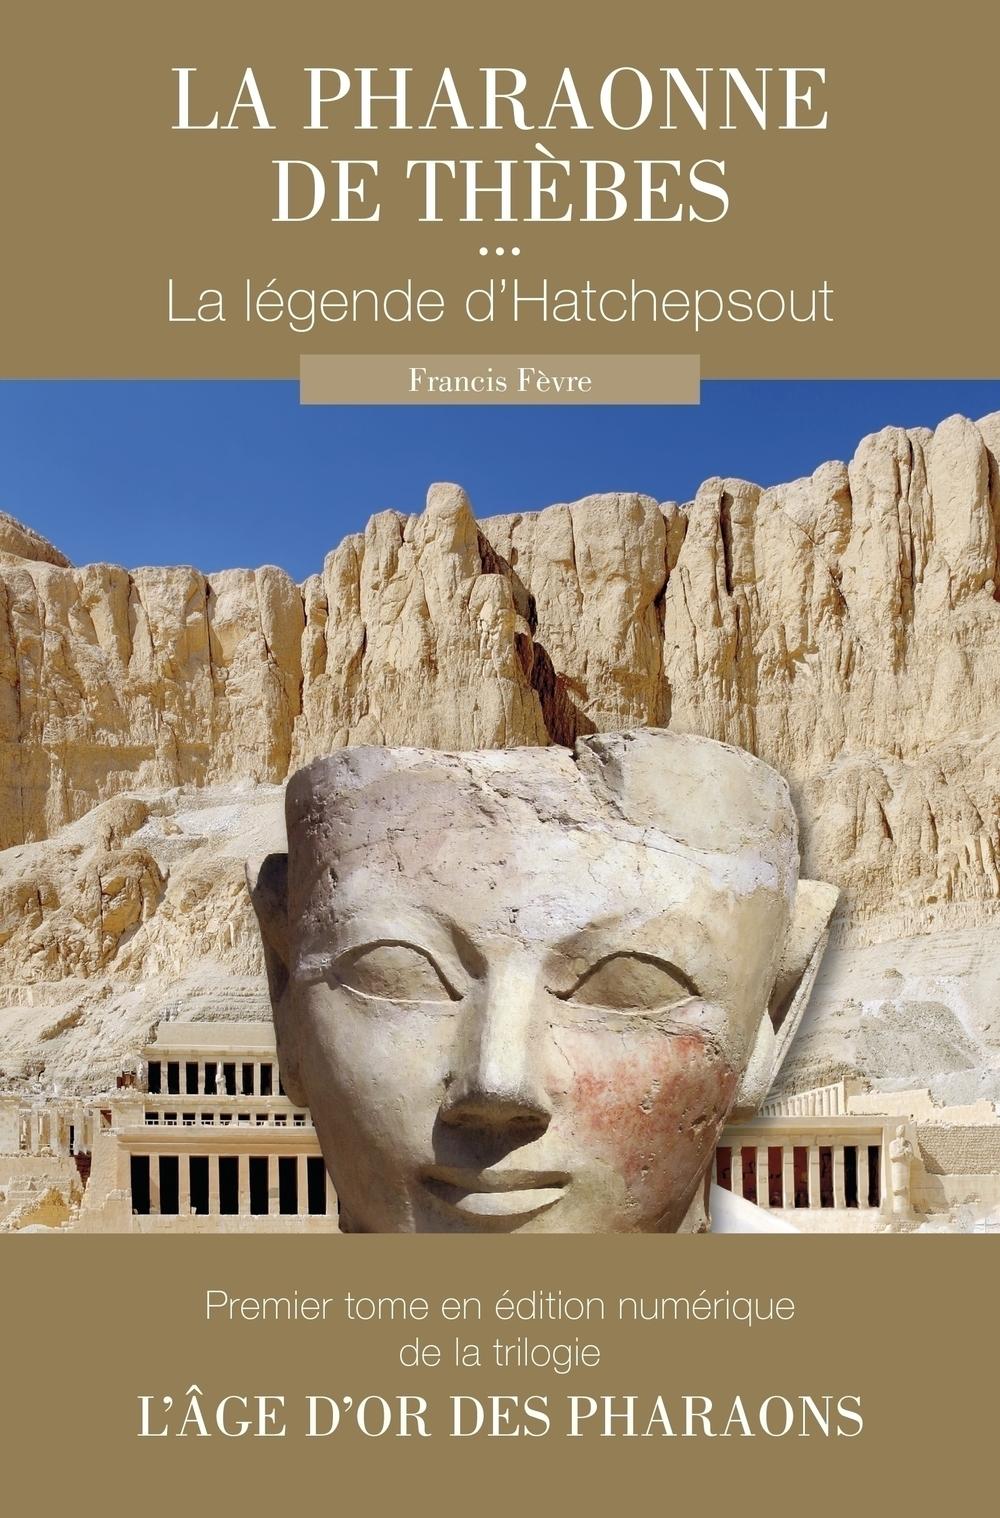 La pharaonne de Thèbes